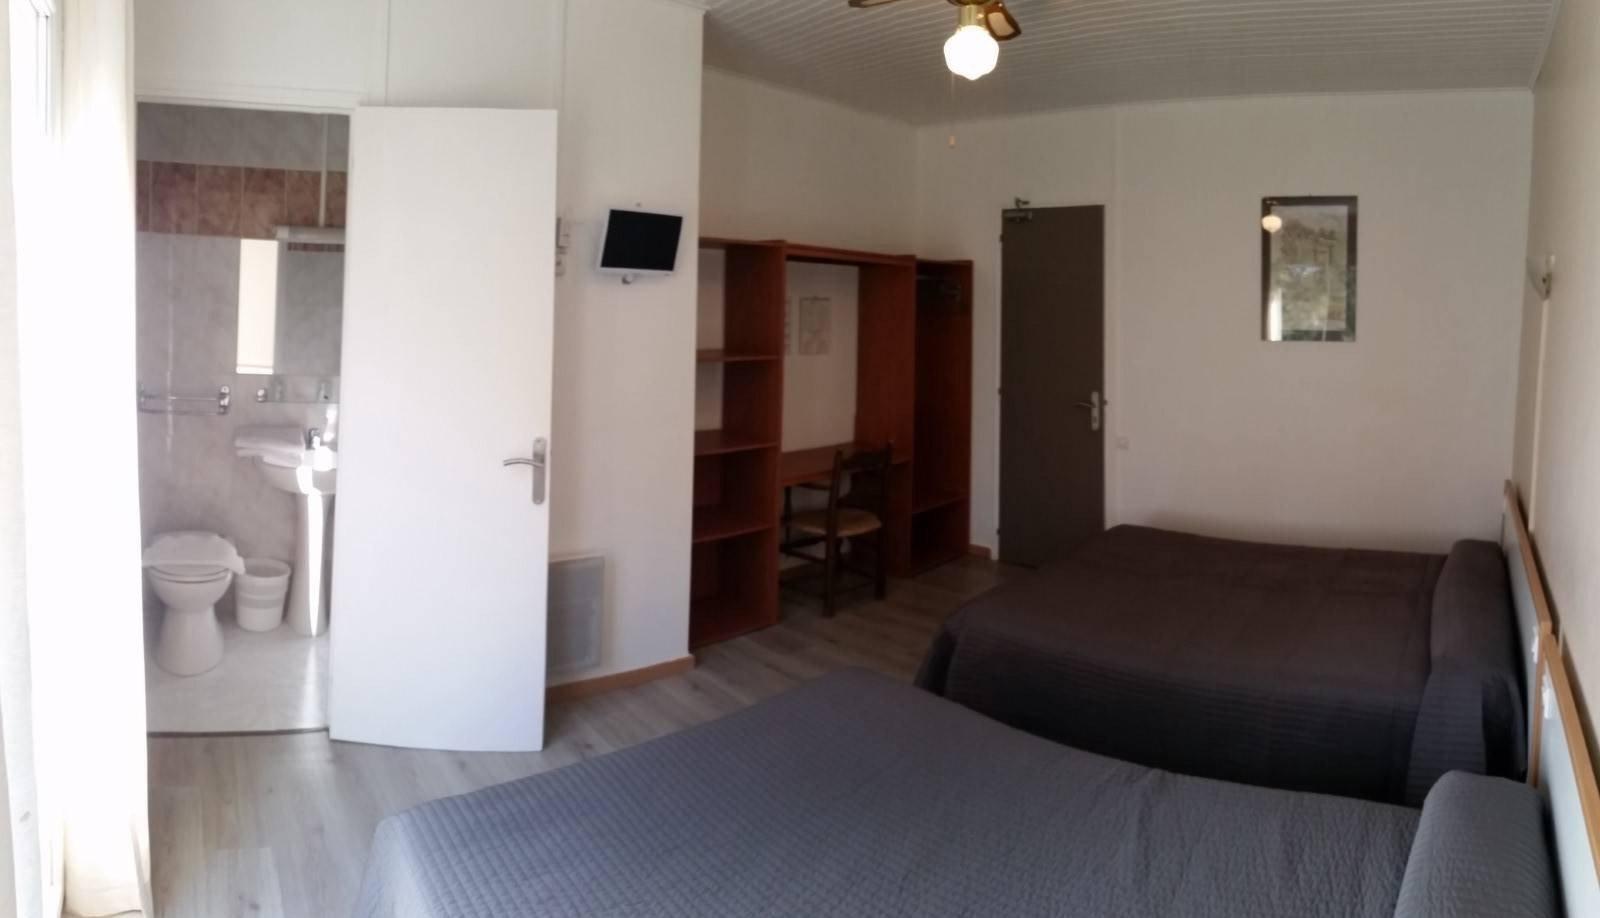 Hotel du joli bois (Cassis, France) voir les tarifs, 72 avis et 10 photos # Hotel Du Joli Bois